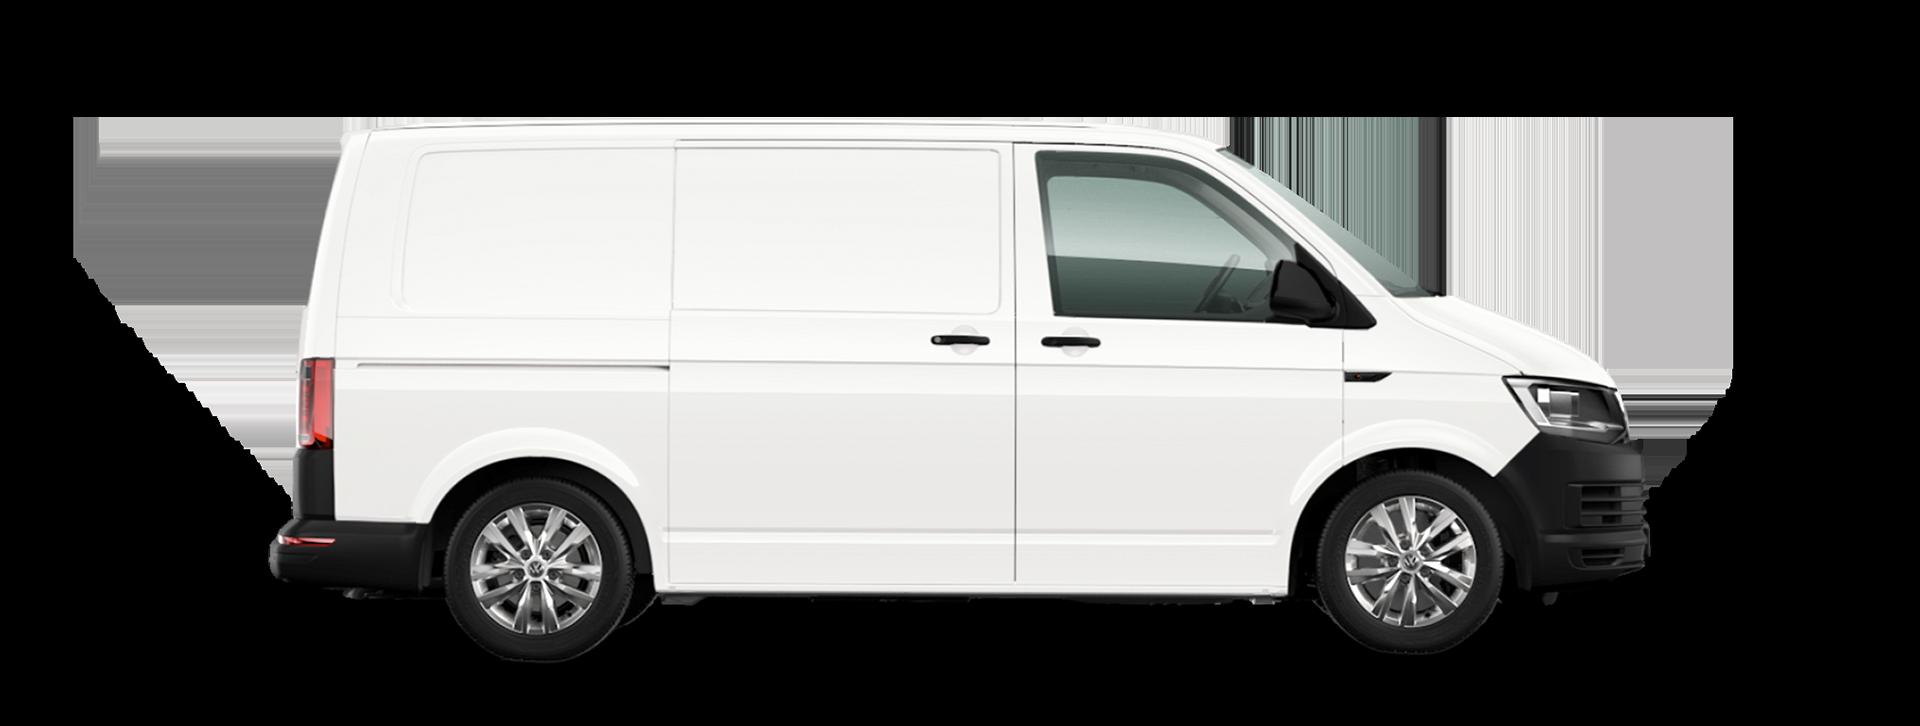 Transporter Skåp - Från 258 700 krTransporter har rullat på svenska vägar sedan början av 50-talet. Den har tillverkats i fler än 12 miljoner exemplar och löpande utvecklats längs vägen. Dagens Transporter har samma grundidé, men allt annat är nytt. Den är rymligare, bekvämare, starkare, snålare och har fantastiska vägegenskaper. Transporter Skåp är den populäraste versionen och du kan få den både förlängd och förhöjd.